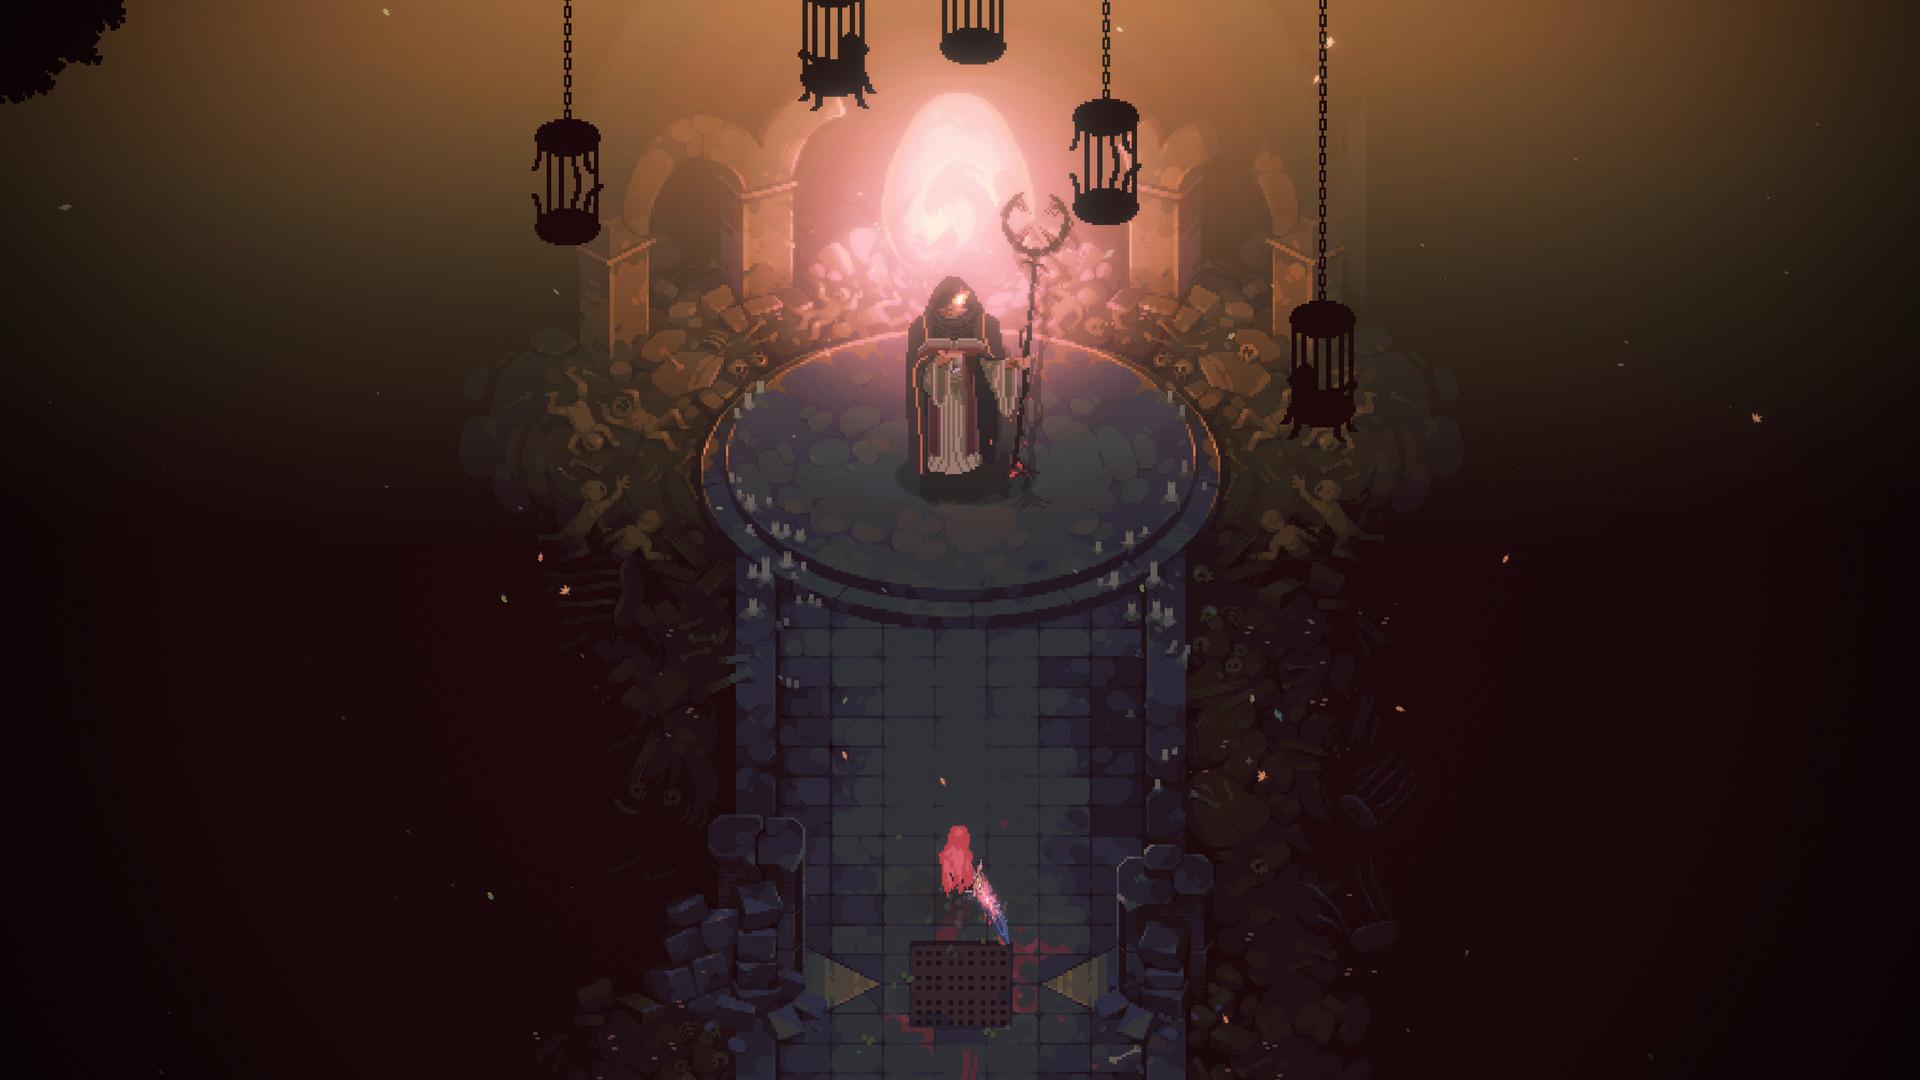 Animovaný filmeček připomíná brzké vydání Eldest Souls Eldest